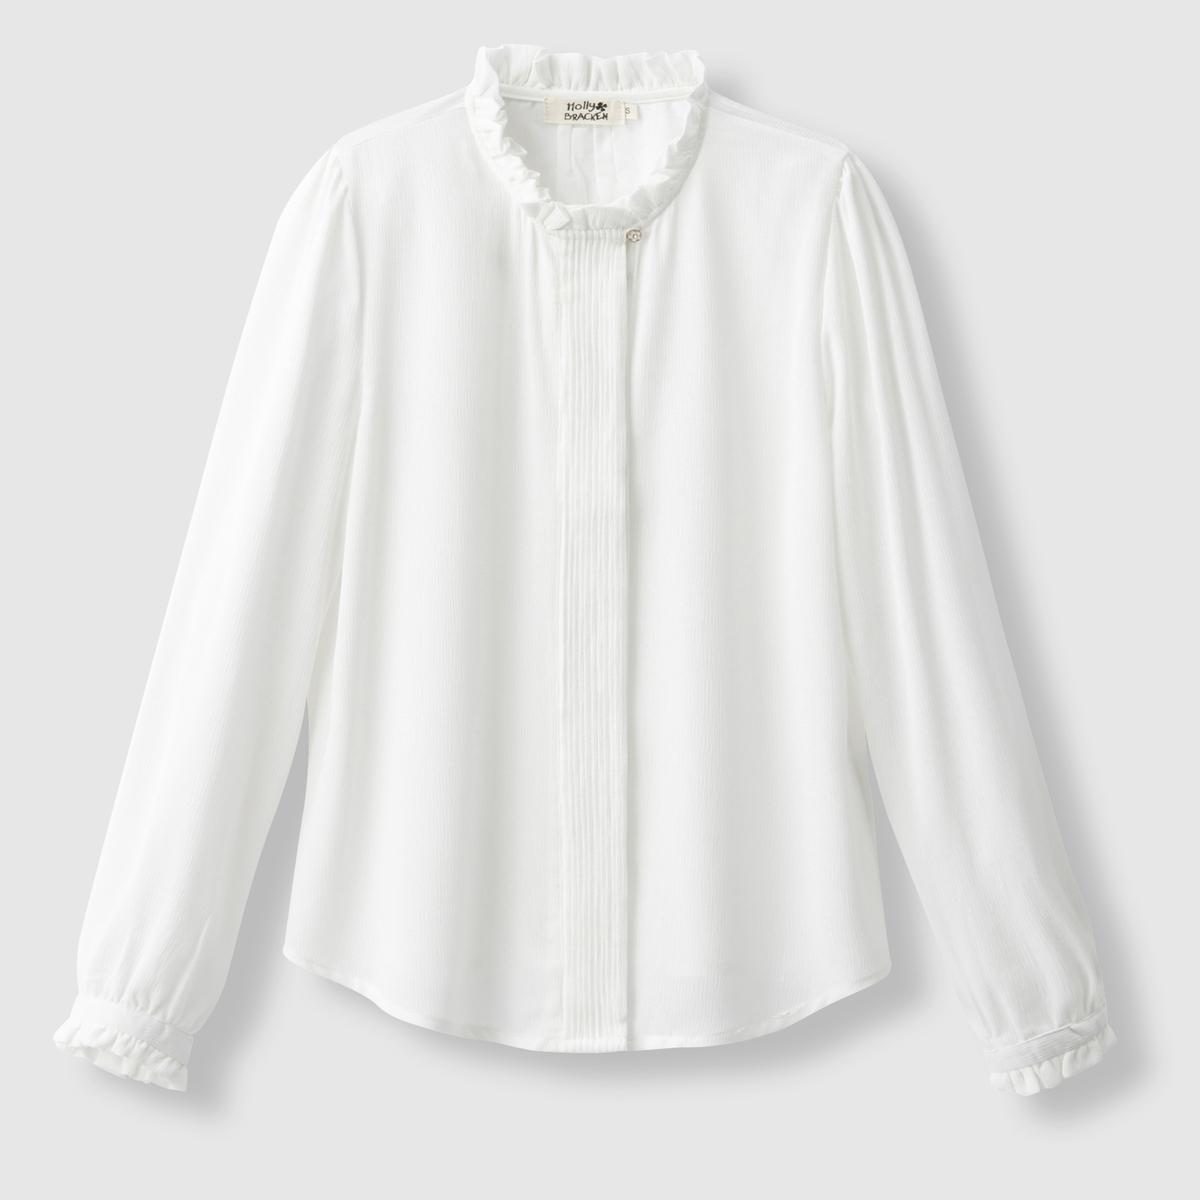 Блузка с воротником-стойка и длинными рукавамиСостав и описаниеМарка : MOLLY BRACKEN.Материал : 100% полиэстерУходМашинная стирка при 30 °C   Стирать с вещами схожих цветов<br><br>Цвет: белый,черный